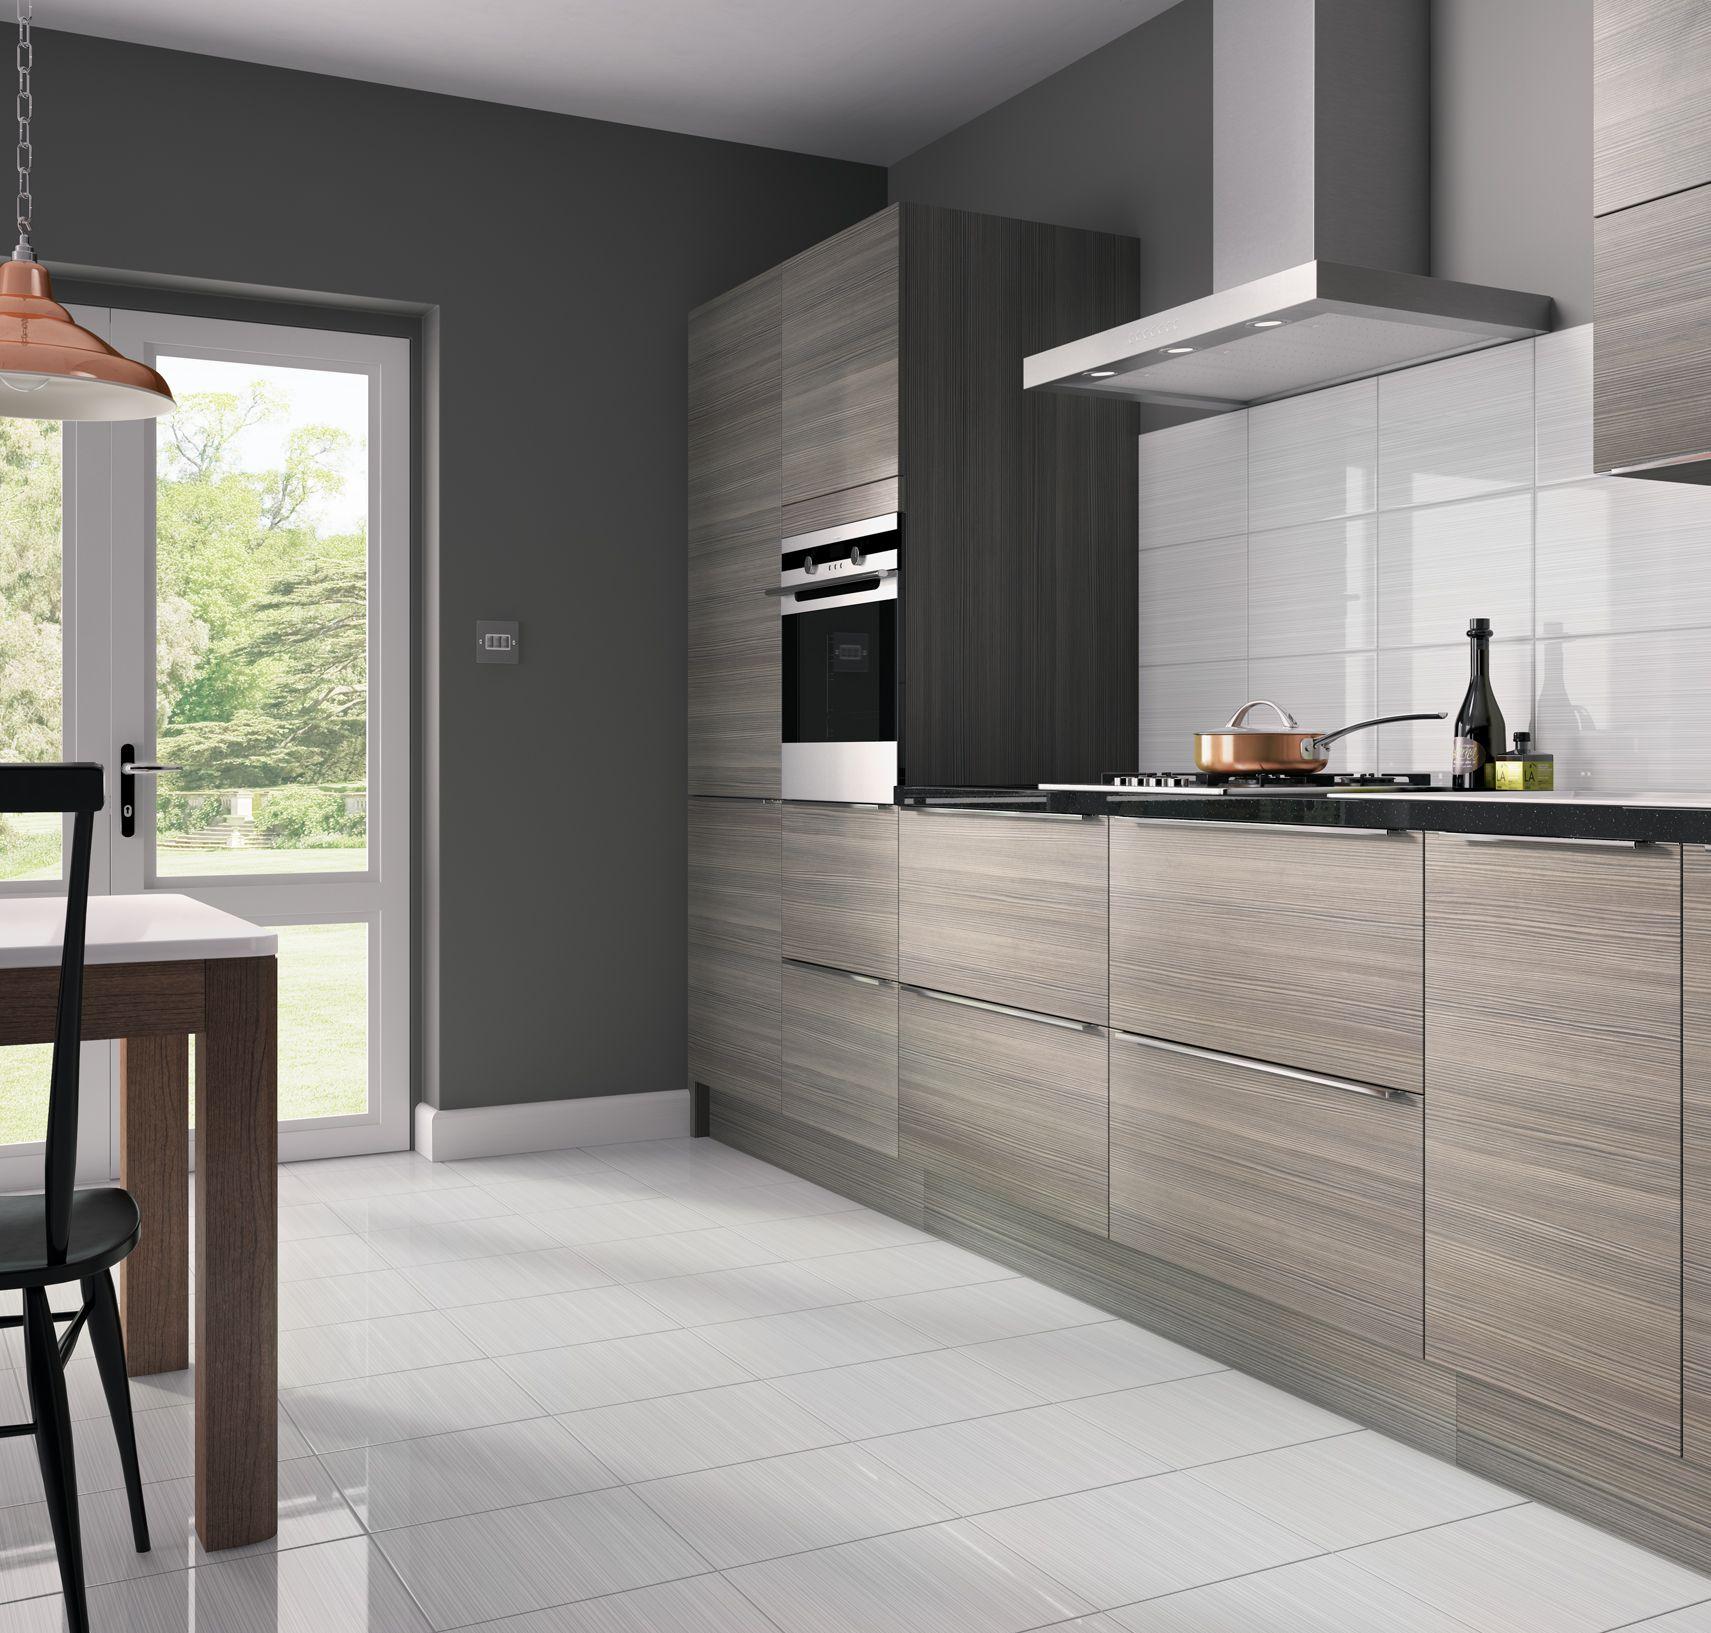 Blairlock White Kitchen Floor And Wall Tile Ceramic Floor Tile